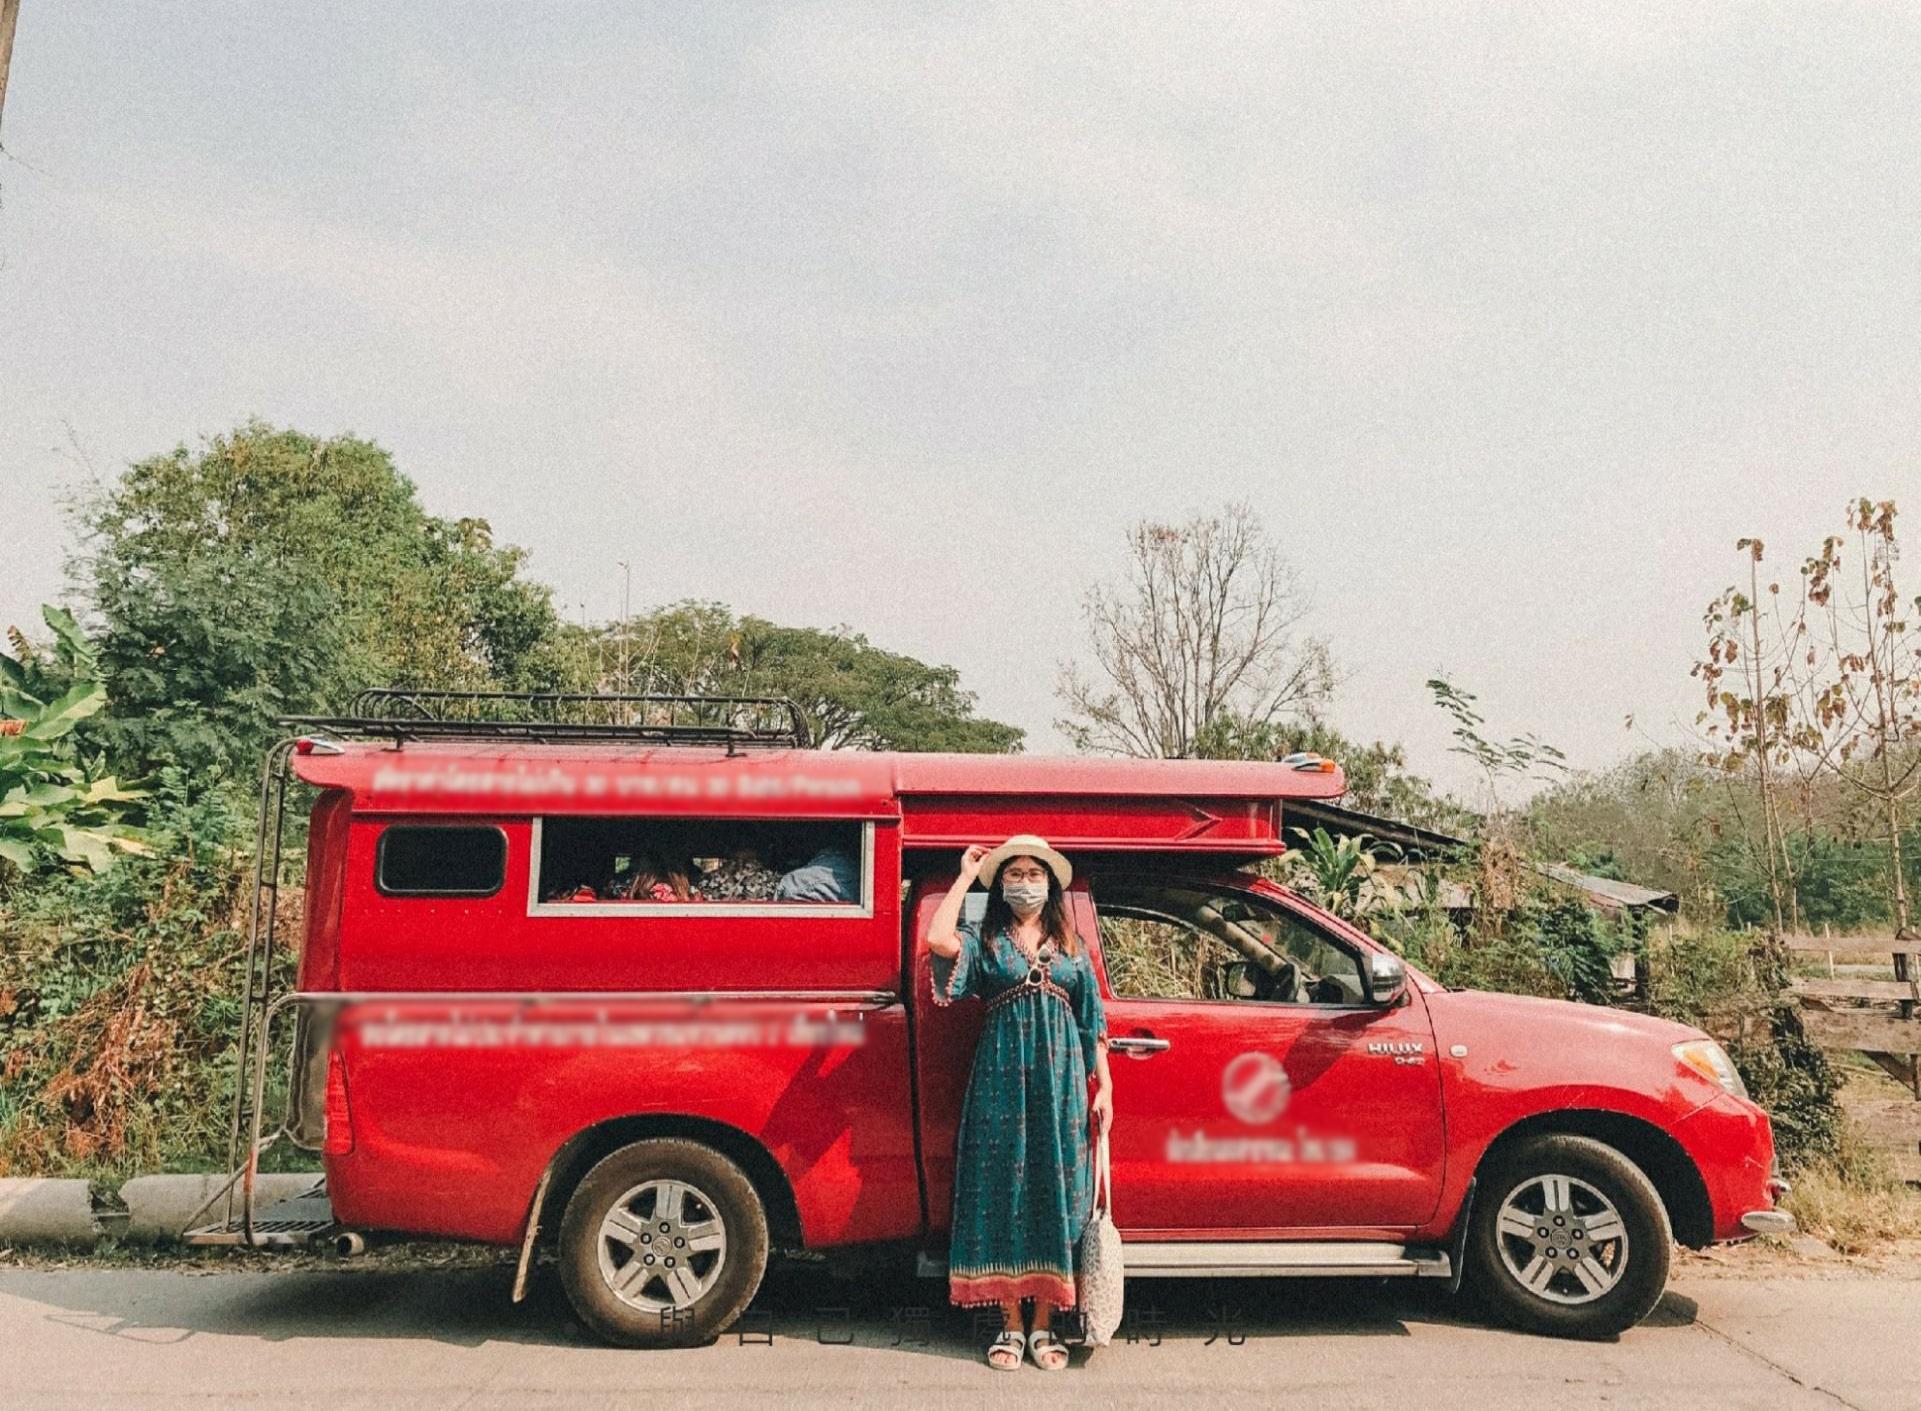 Tìm cảm hứng sau khi gặp Đen Vâu, cô nàng dành 600 ngày lang thang khắp Đông Nam Á: Đánh đổi vật chất vì đam mê, sống an toàn thì chán lắm! - Ảnh 3.